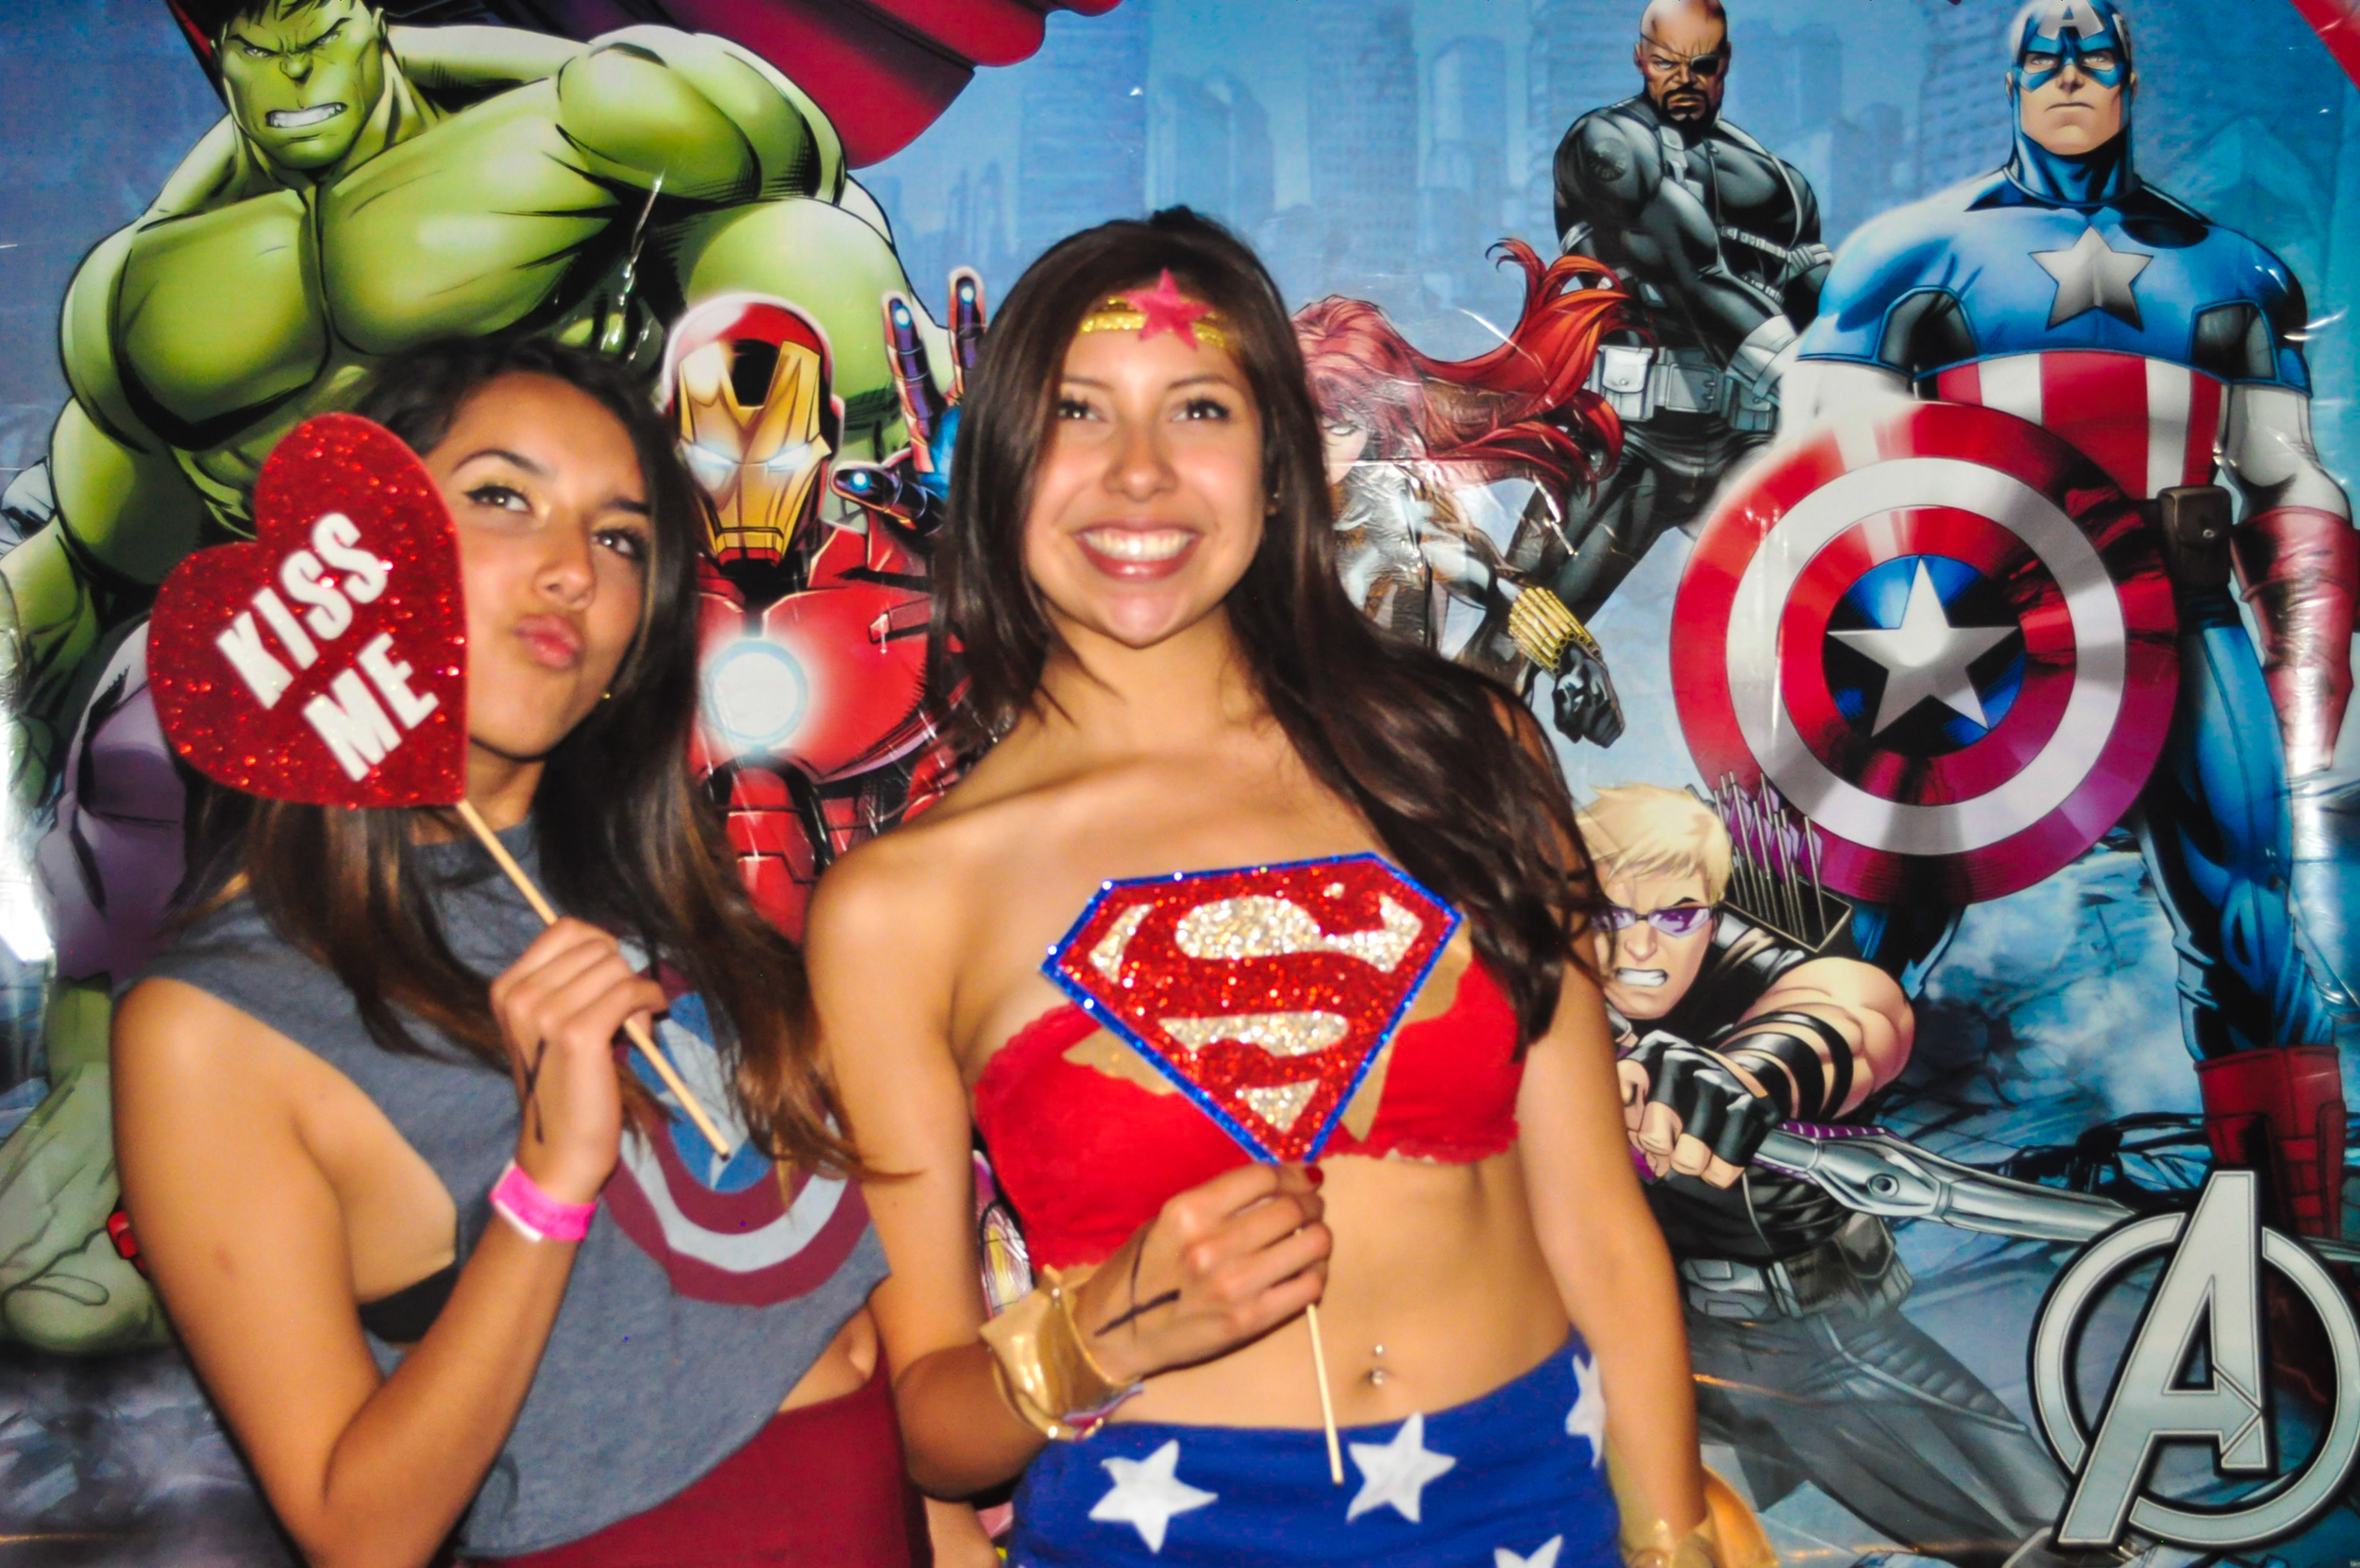 UCI Gamma Phi Beta Superhero Photo Booth 05/23/14